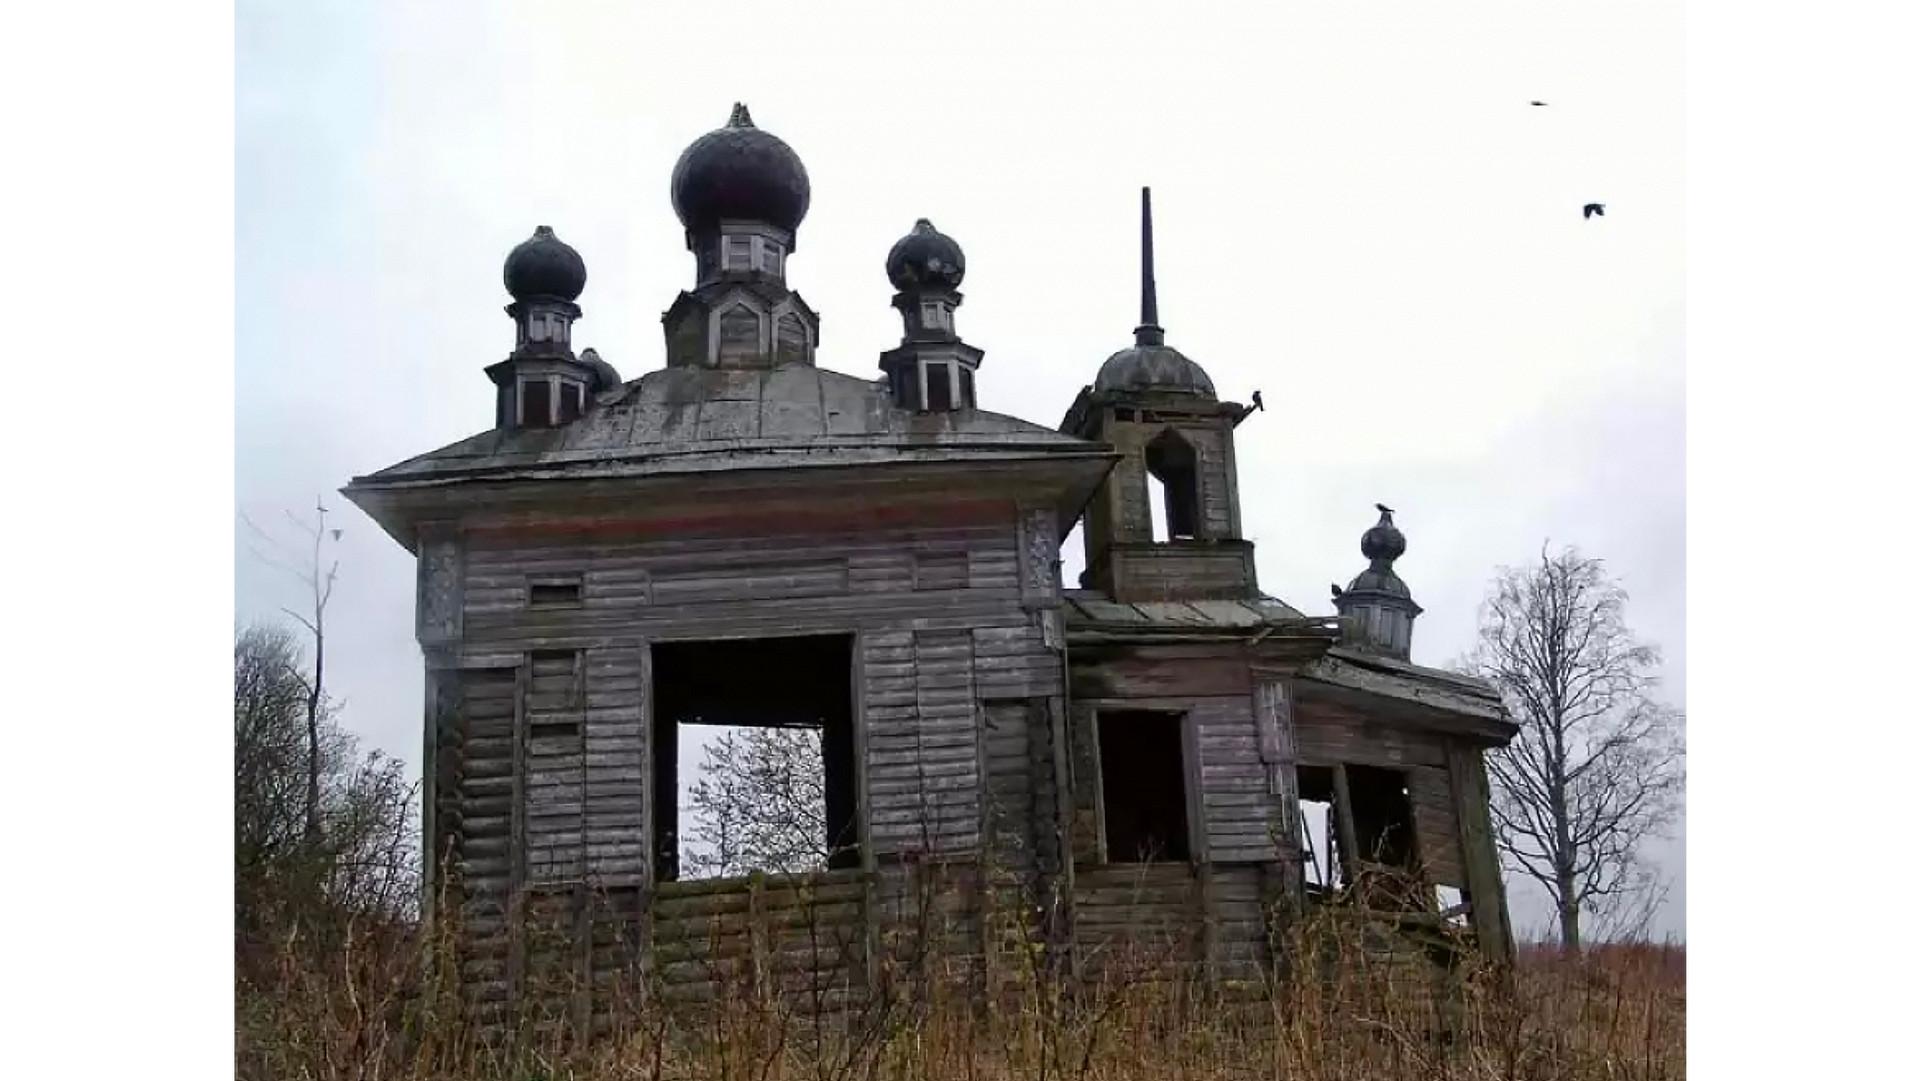 """<p>Фото: &copy;&nbsp;<a href=""""http://obsheedelo.ru/index.php/khramy-i-chasovni/katalog/regionalnye/item/563-khram-ioanna-bogoslova"""" target=""""_blank"""">obsheedelo.ru</a></p>"""